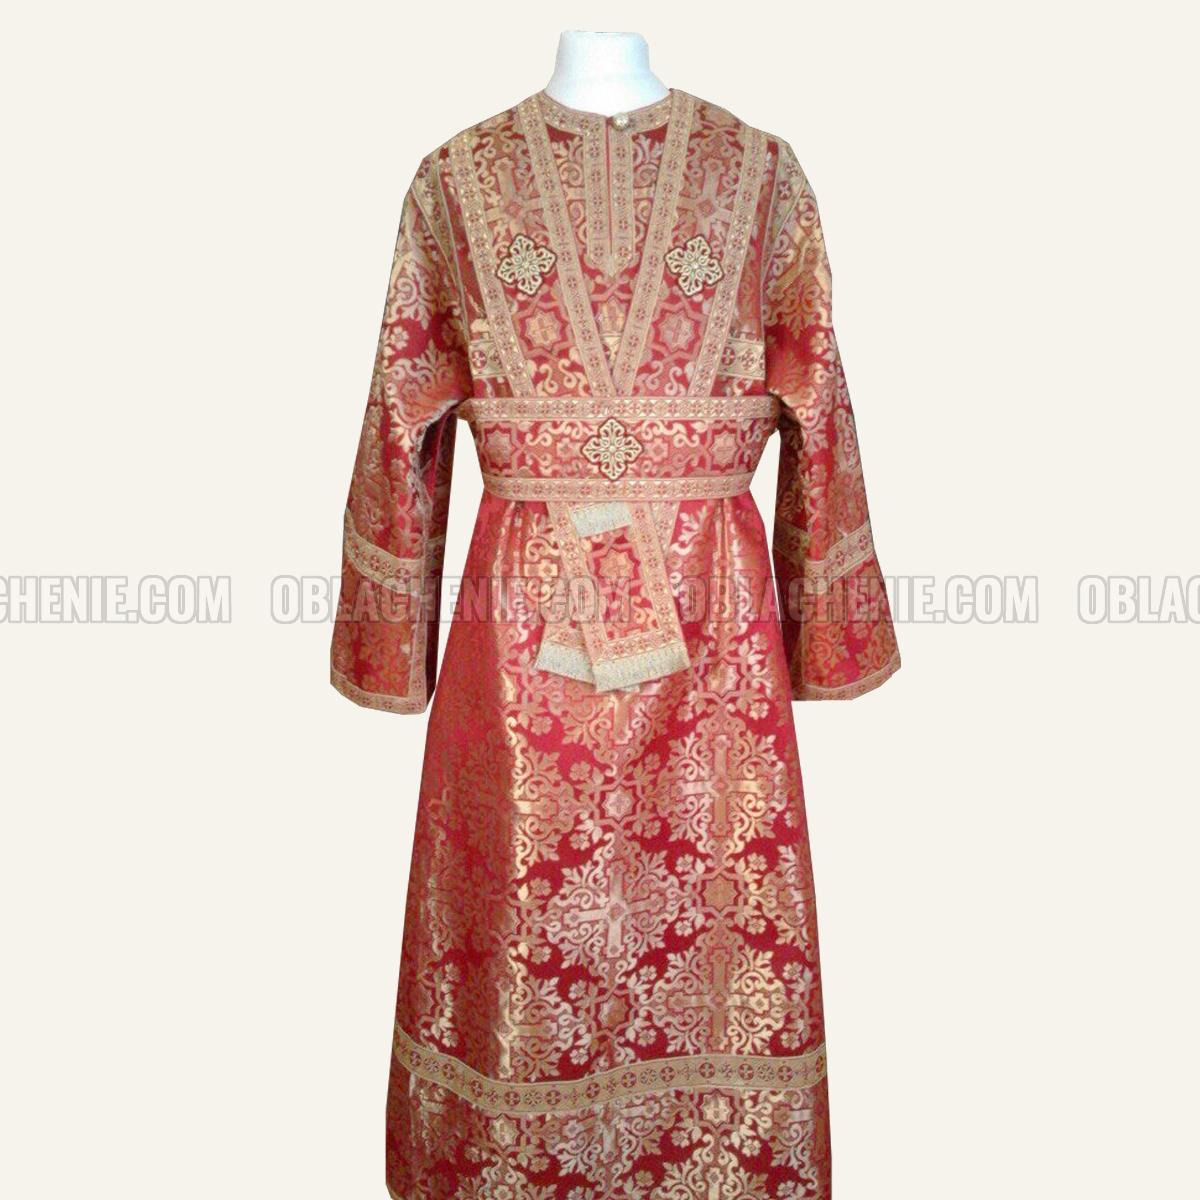 Deacon's vestments 10379